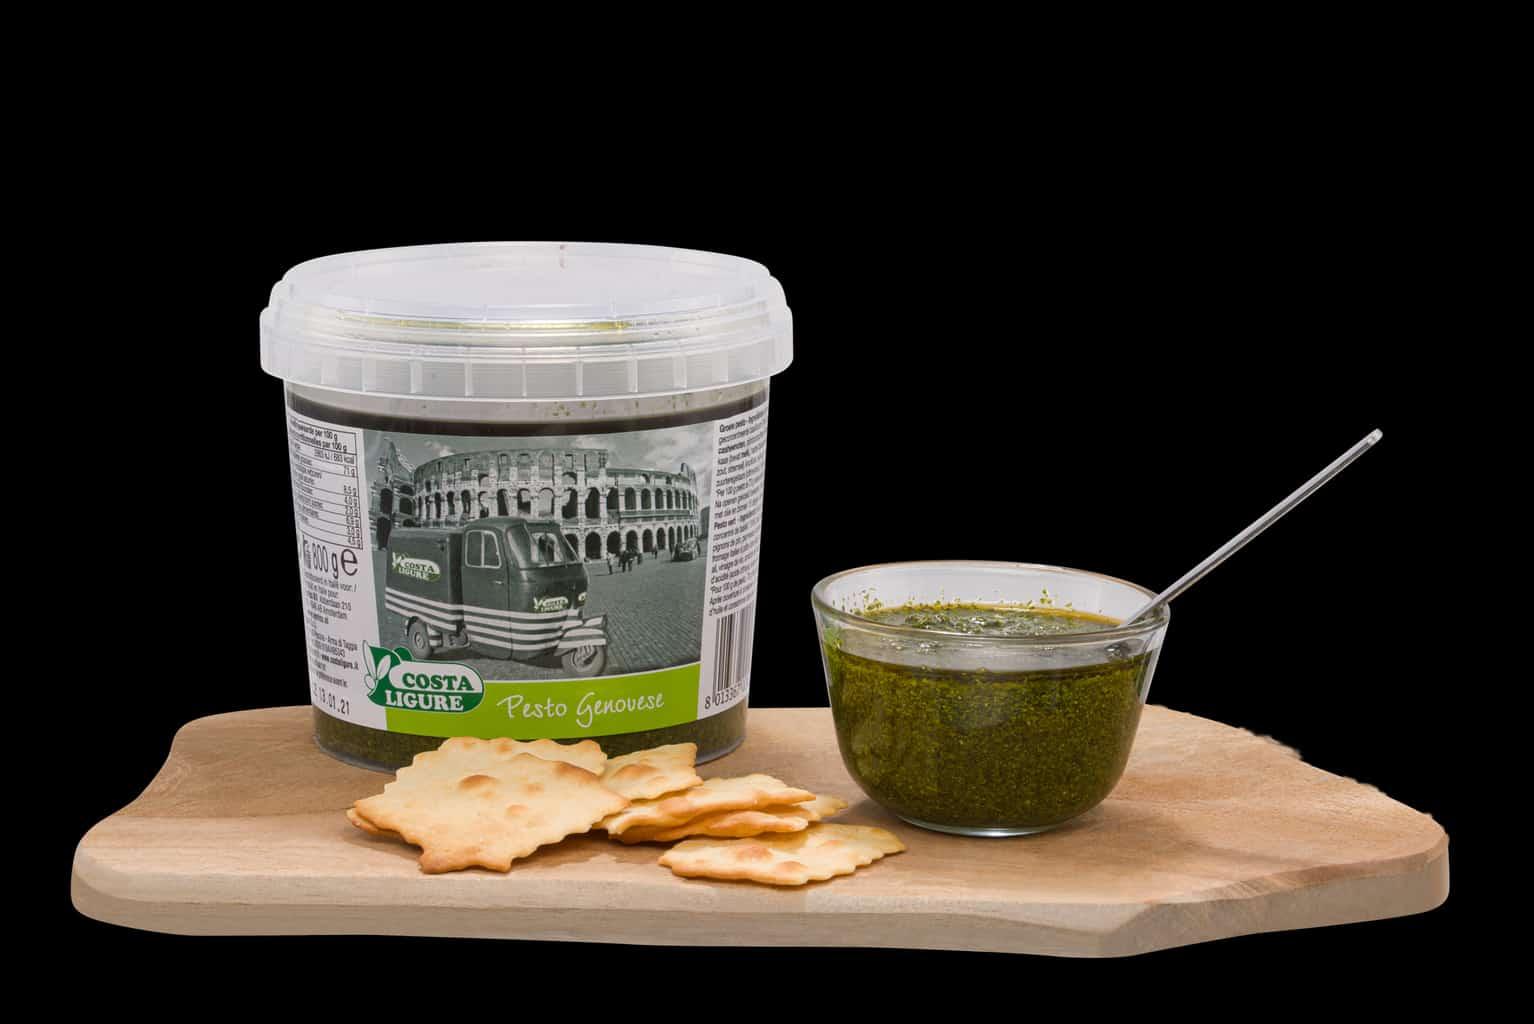 productfotografie sfeerfotografie food eten pesto groen - food fotografie